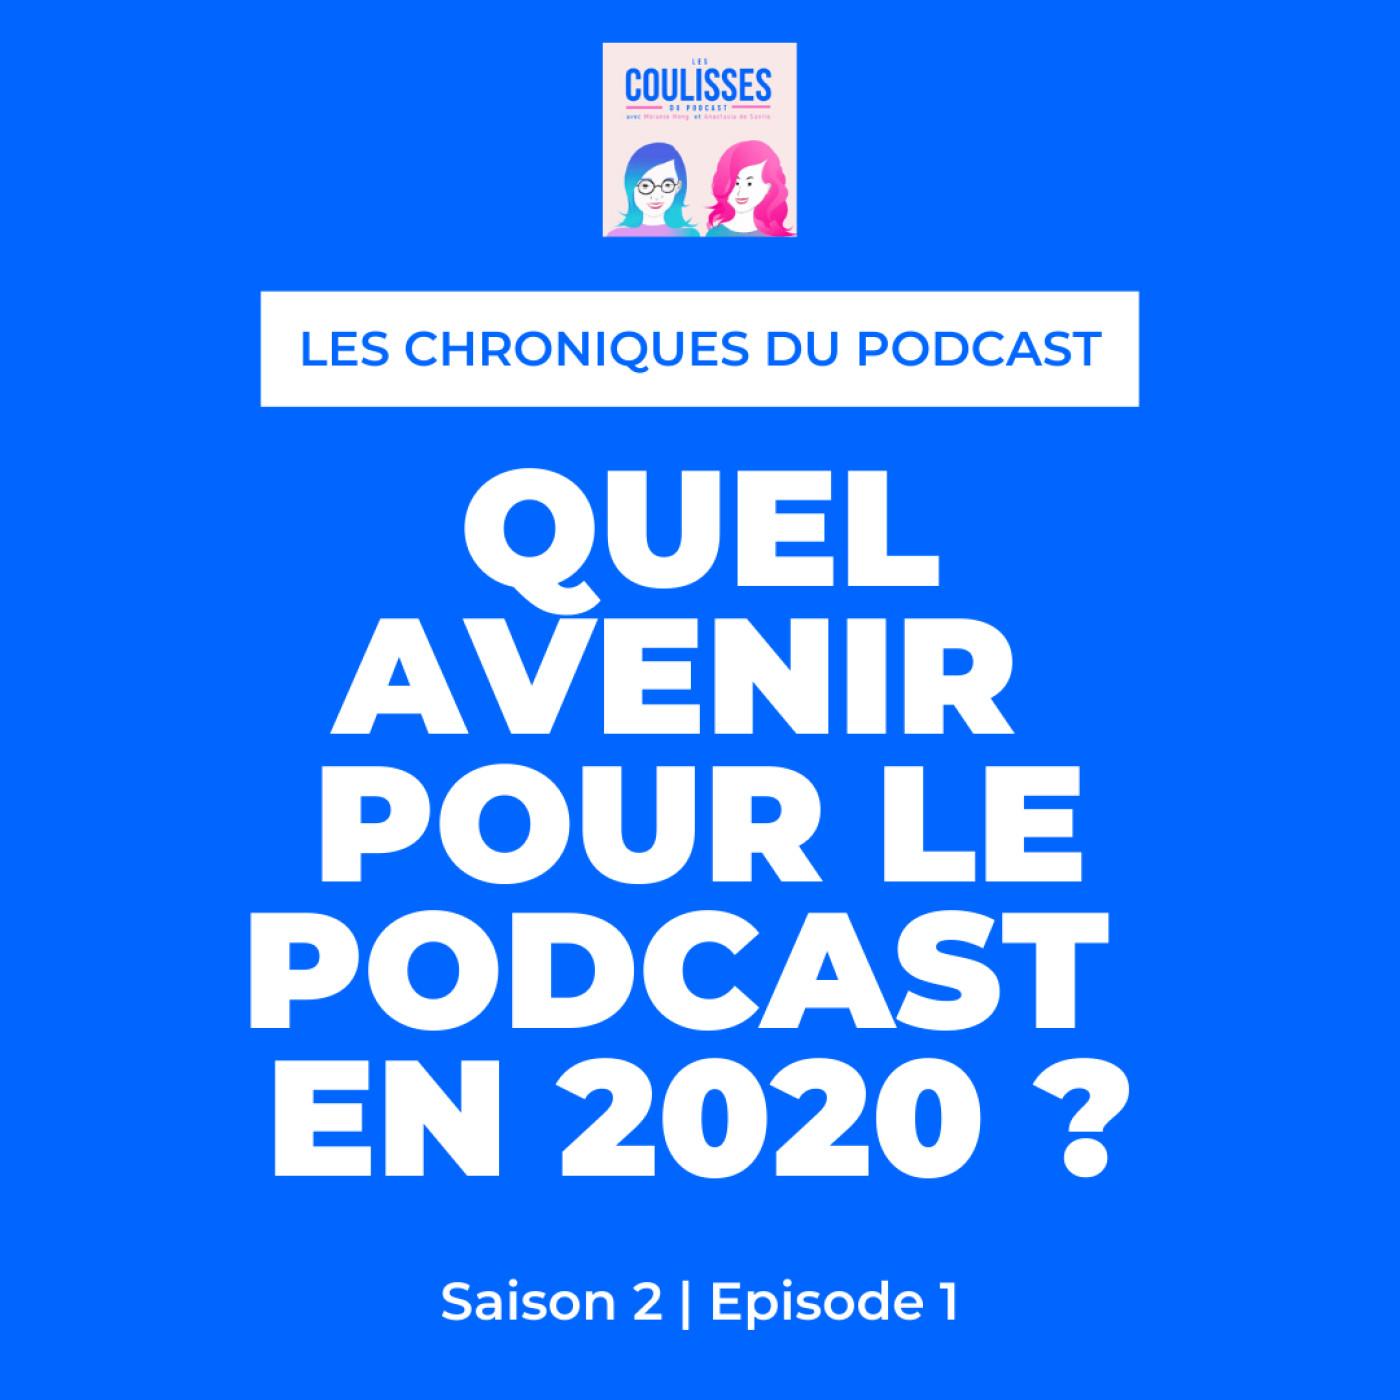 Quel avenir pour le podcast en 2020 ?